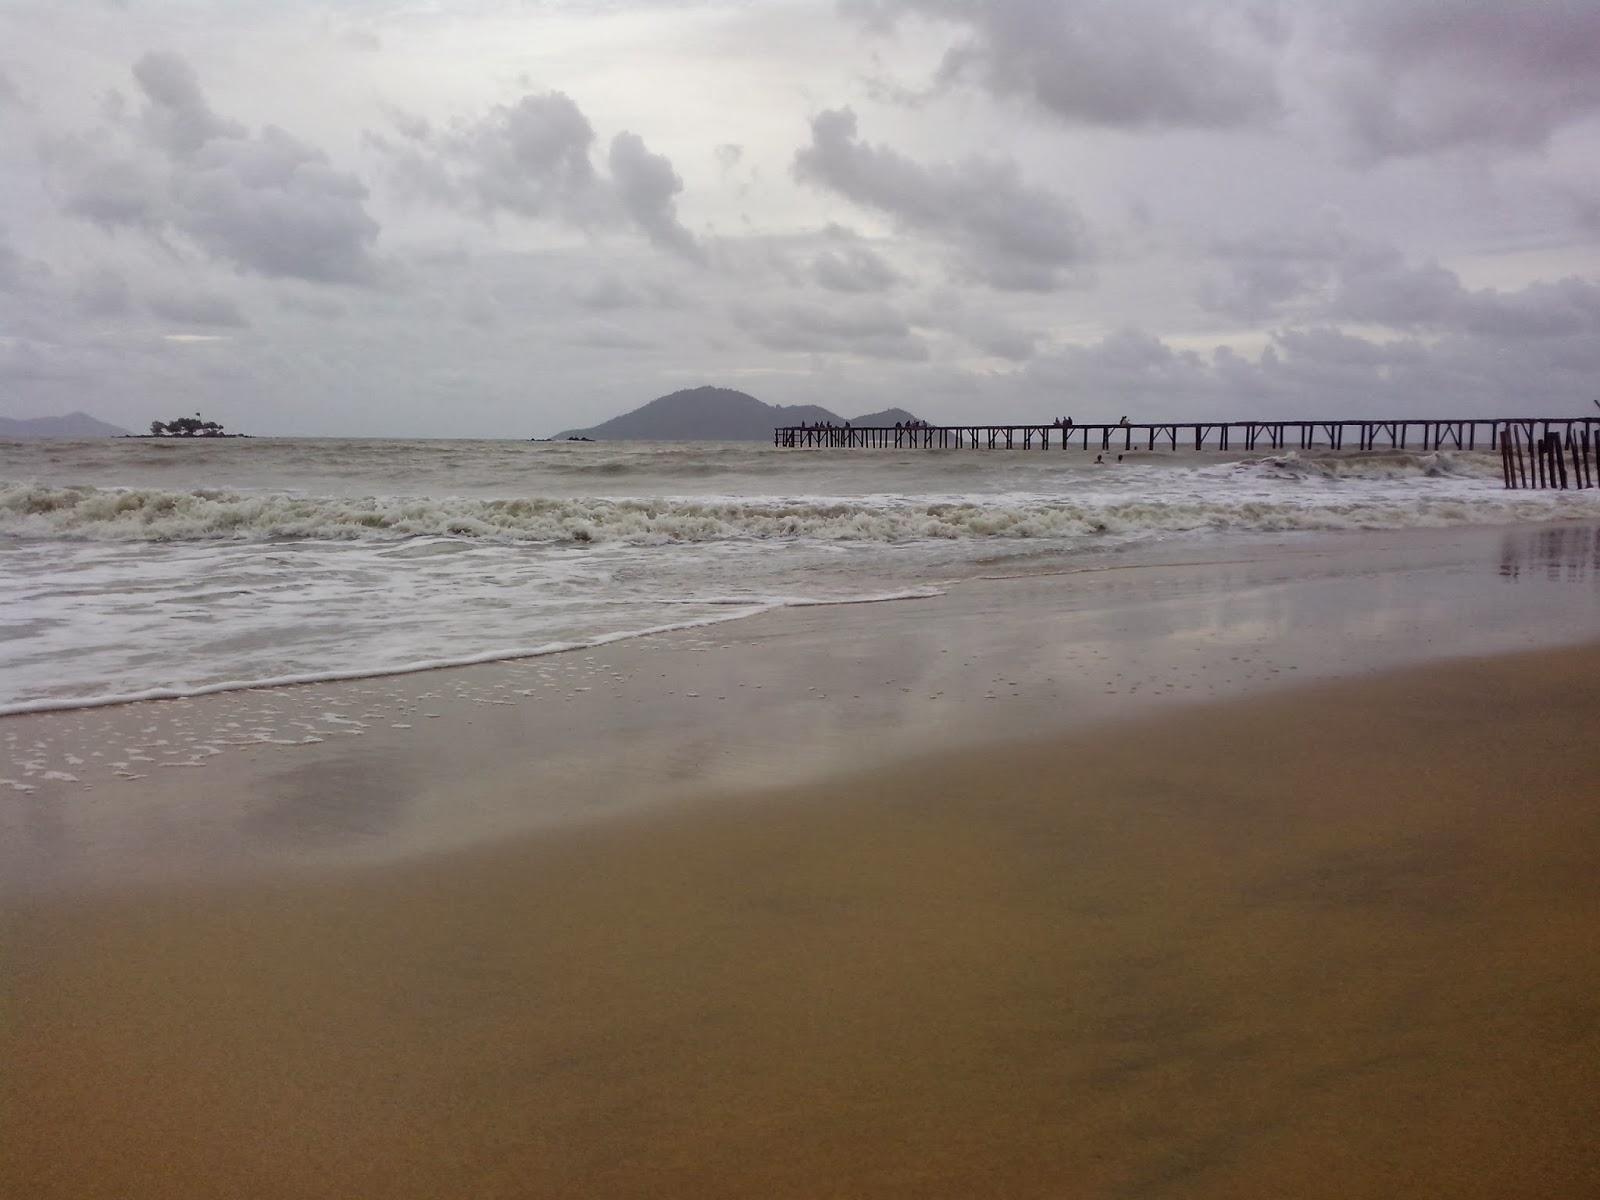 Wisata Pantai Mimi Land Singkawang